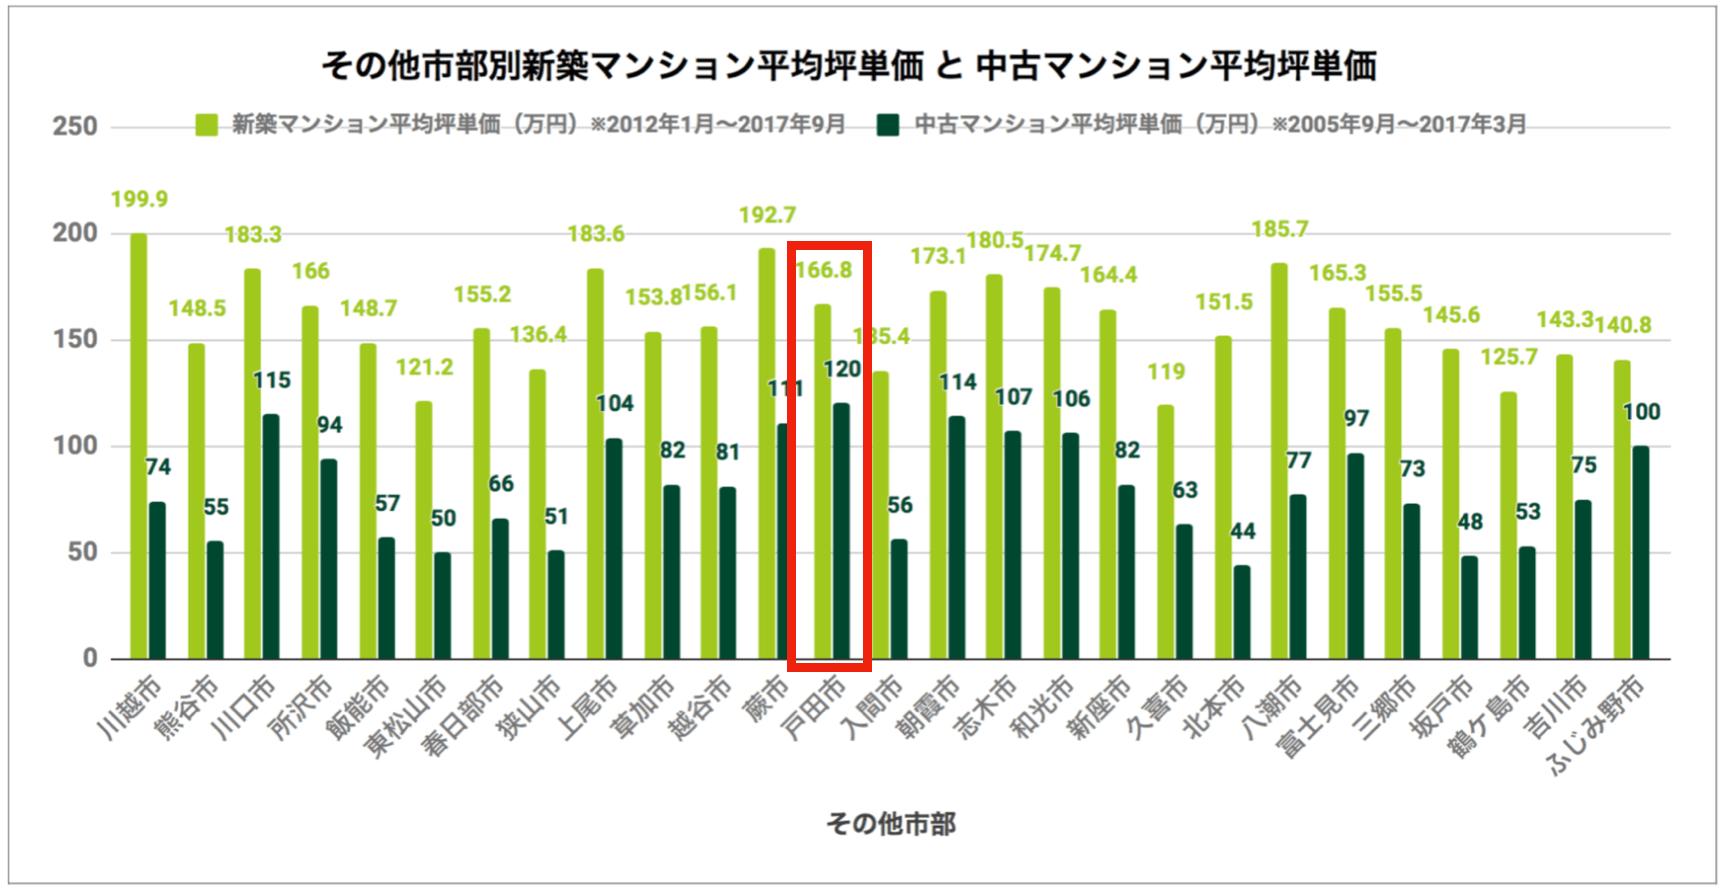 その他市部別「新築マンション平均坪単価と中古マンション平均坪単価」